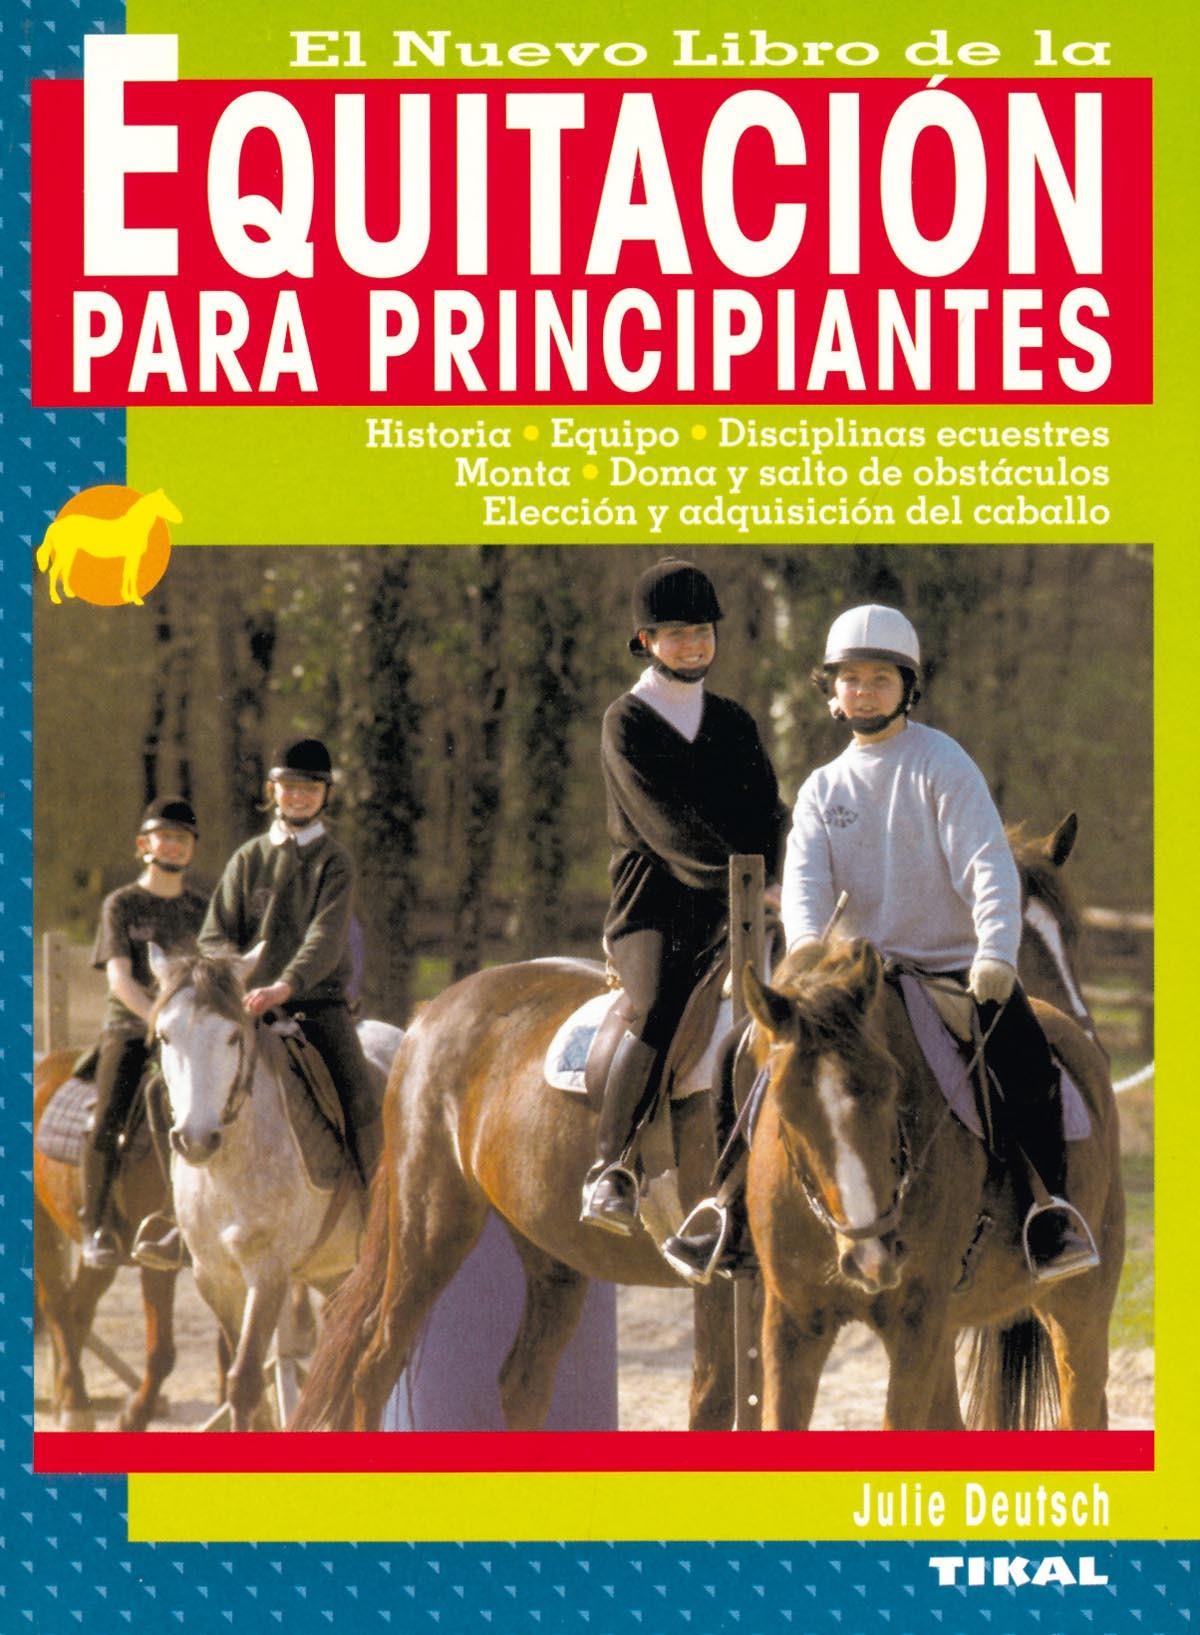 EL NUEVO LIBRO DE LA EQUITACIÓN PARA PRINCIPIANTES